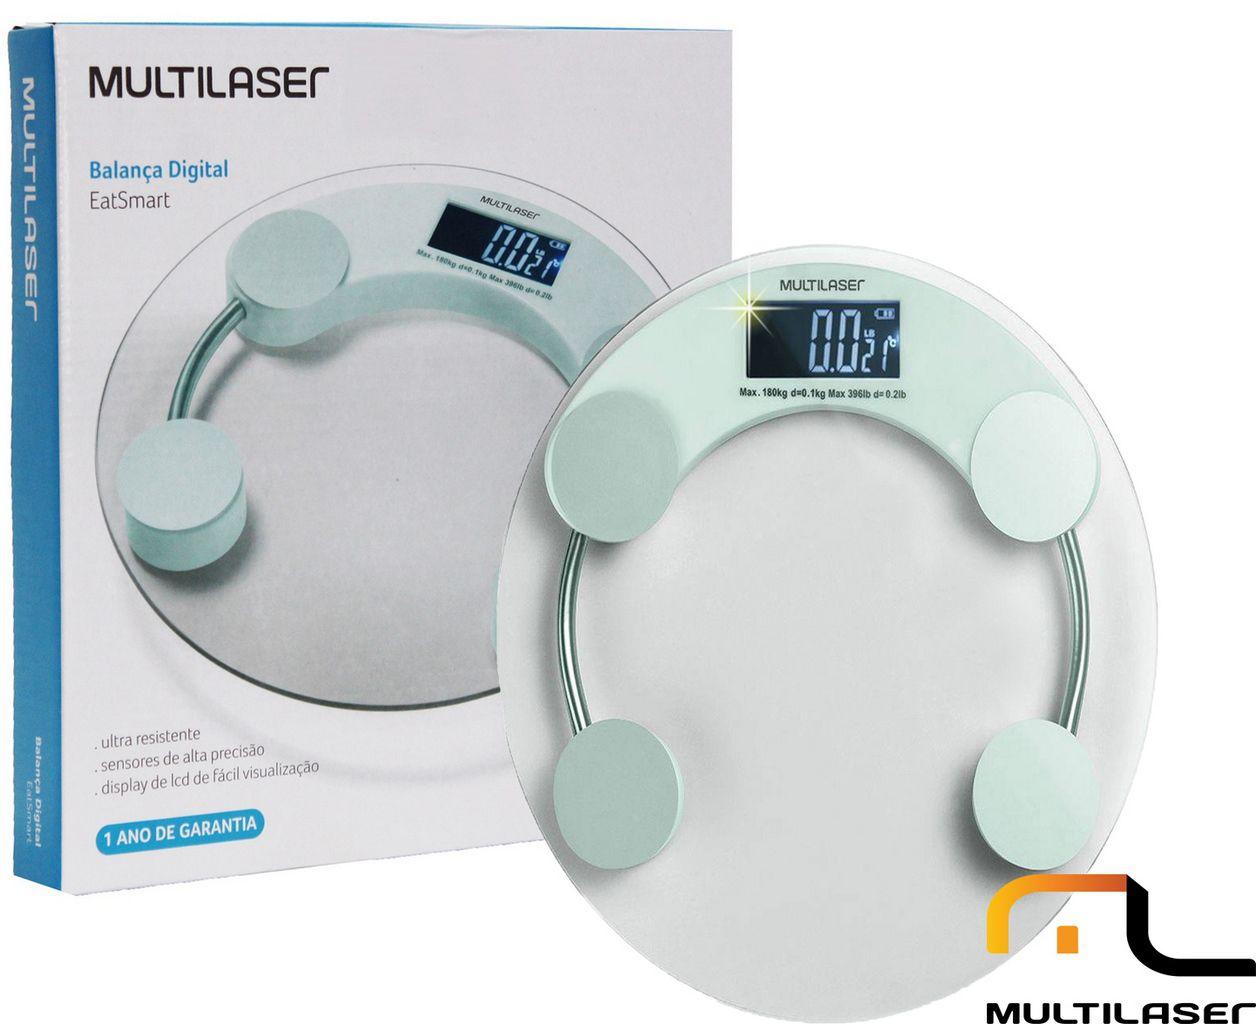 Balança Digital Eatsmart Lcd Original Multilaser Alta Precisão Vidro Temperado Desligamento Automático